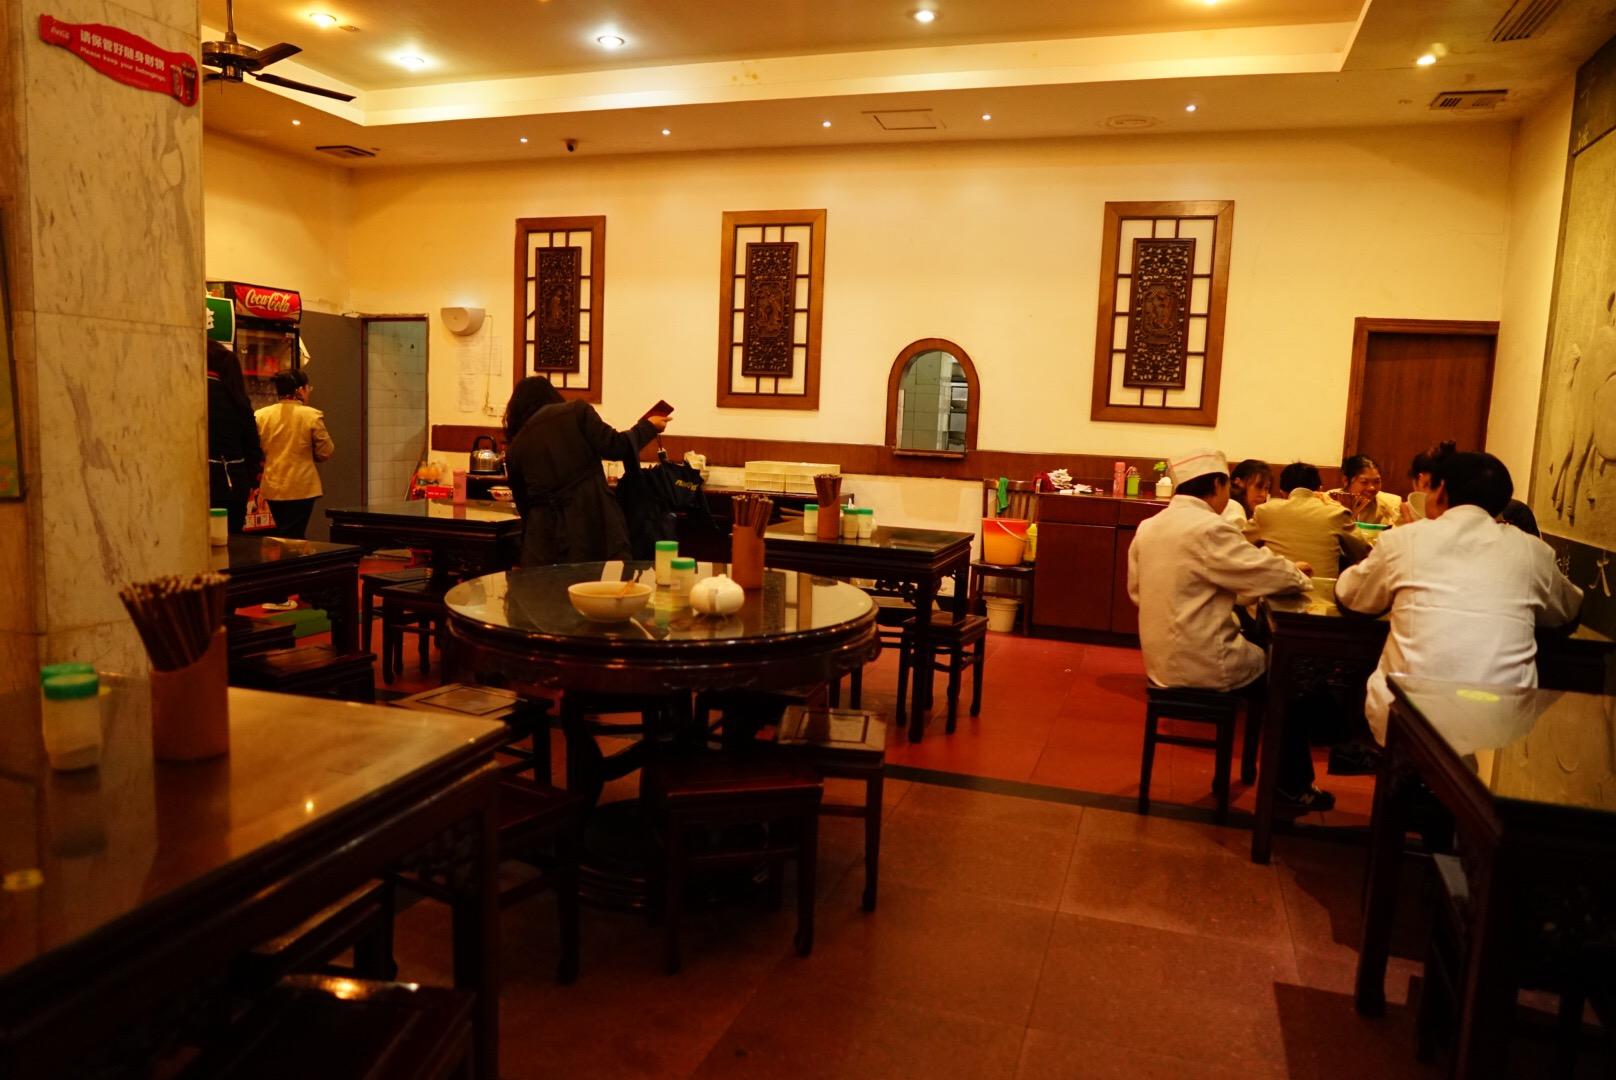 杭州の河坊街の羊肉レストラン「羊湯飯店」